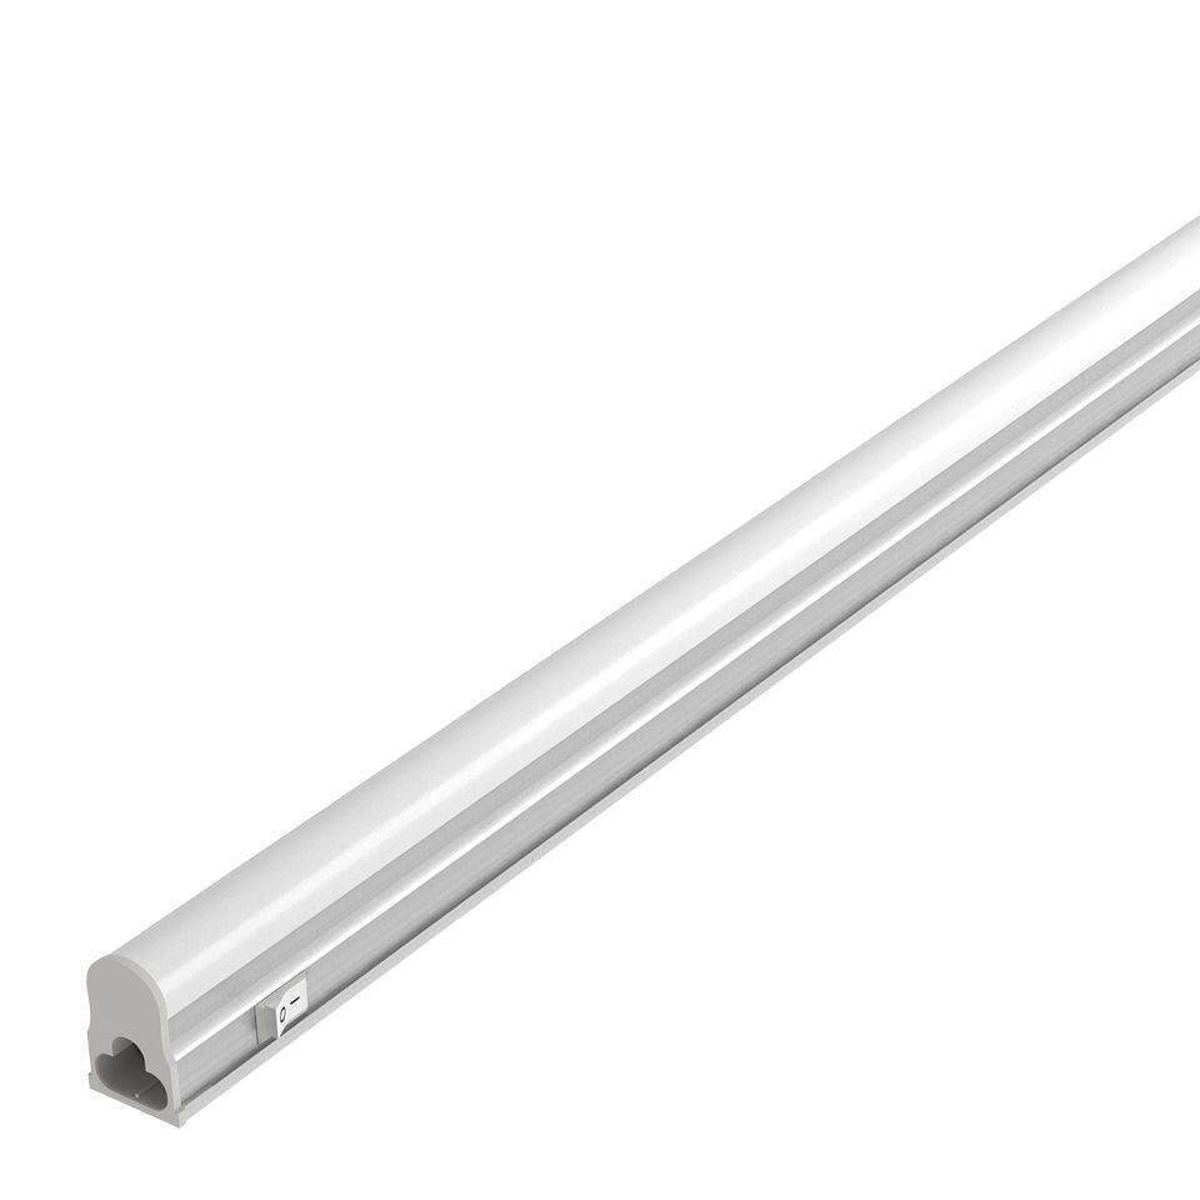 Потолочный светодиодный светильник Gauss 130511210 все цены